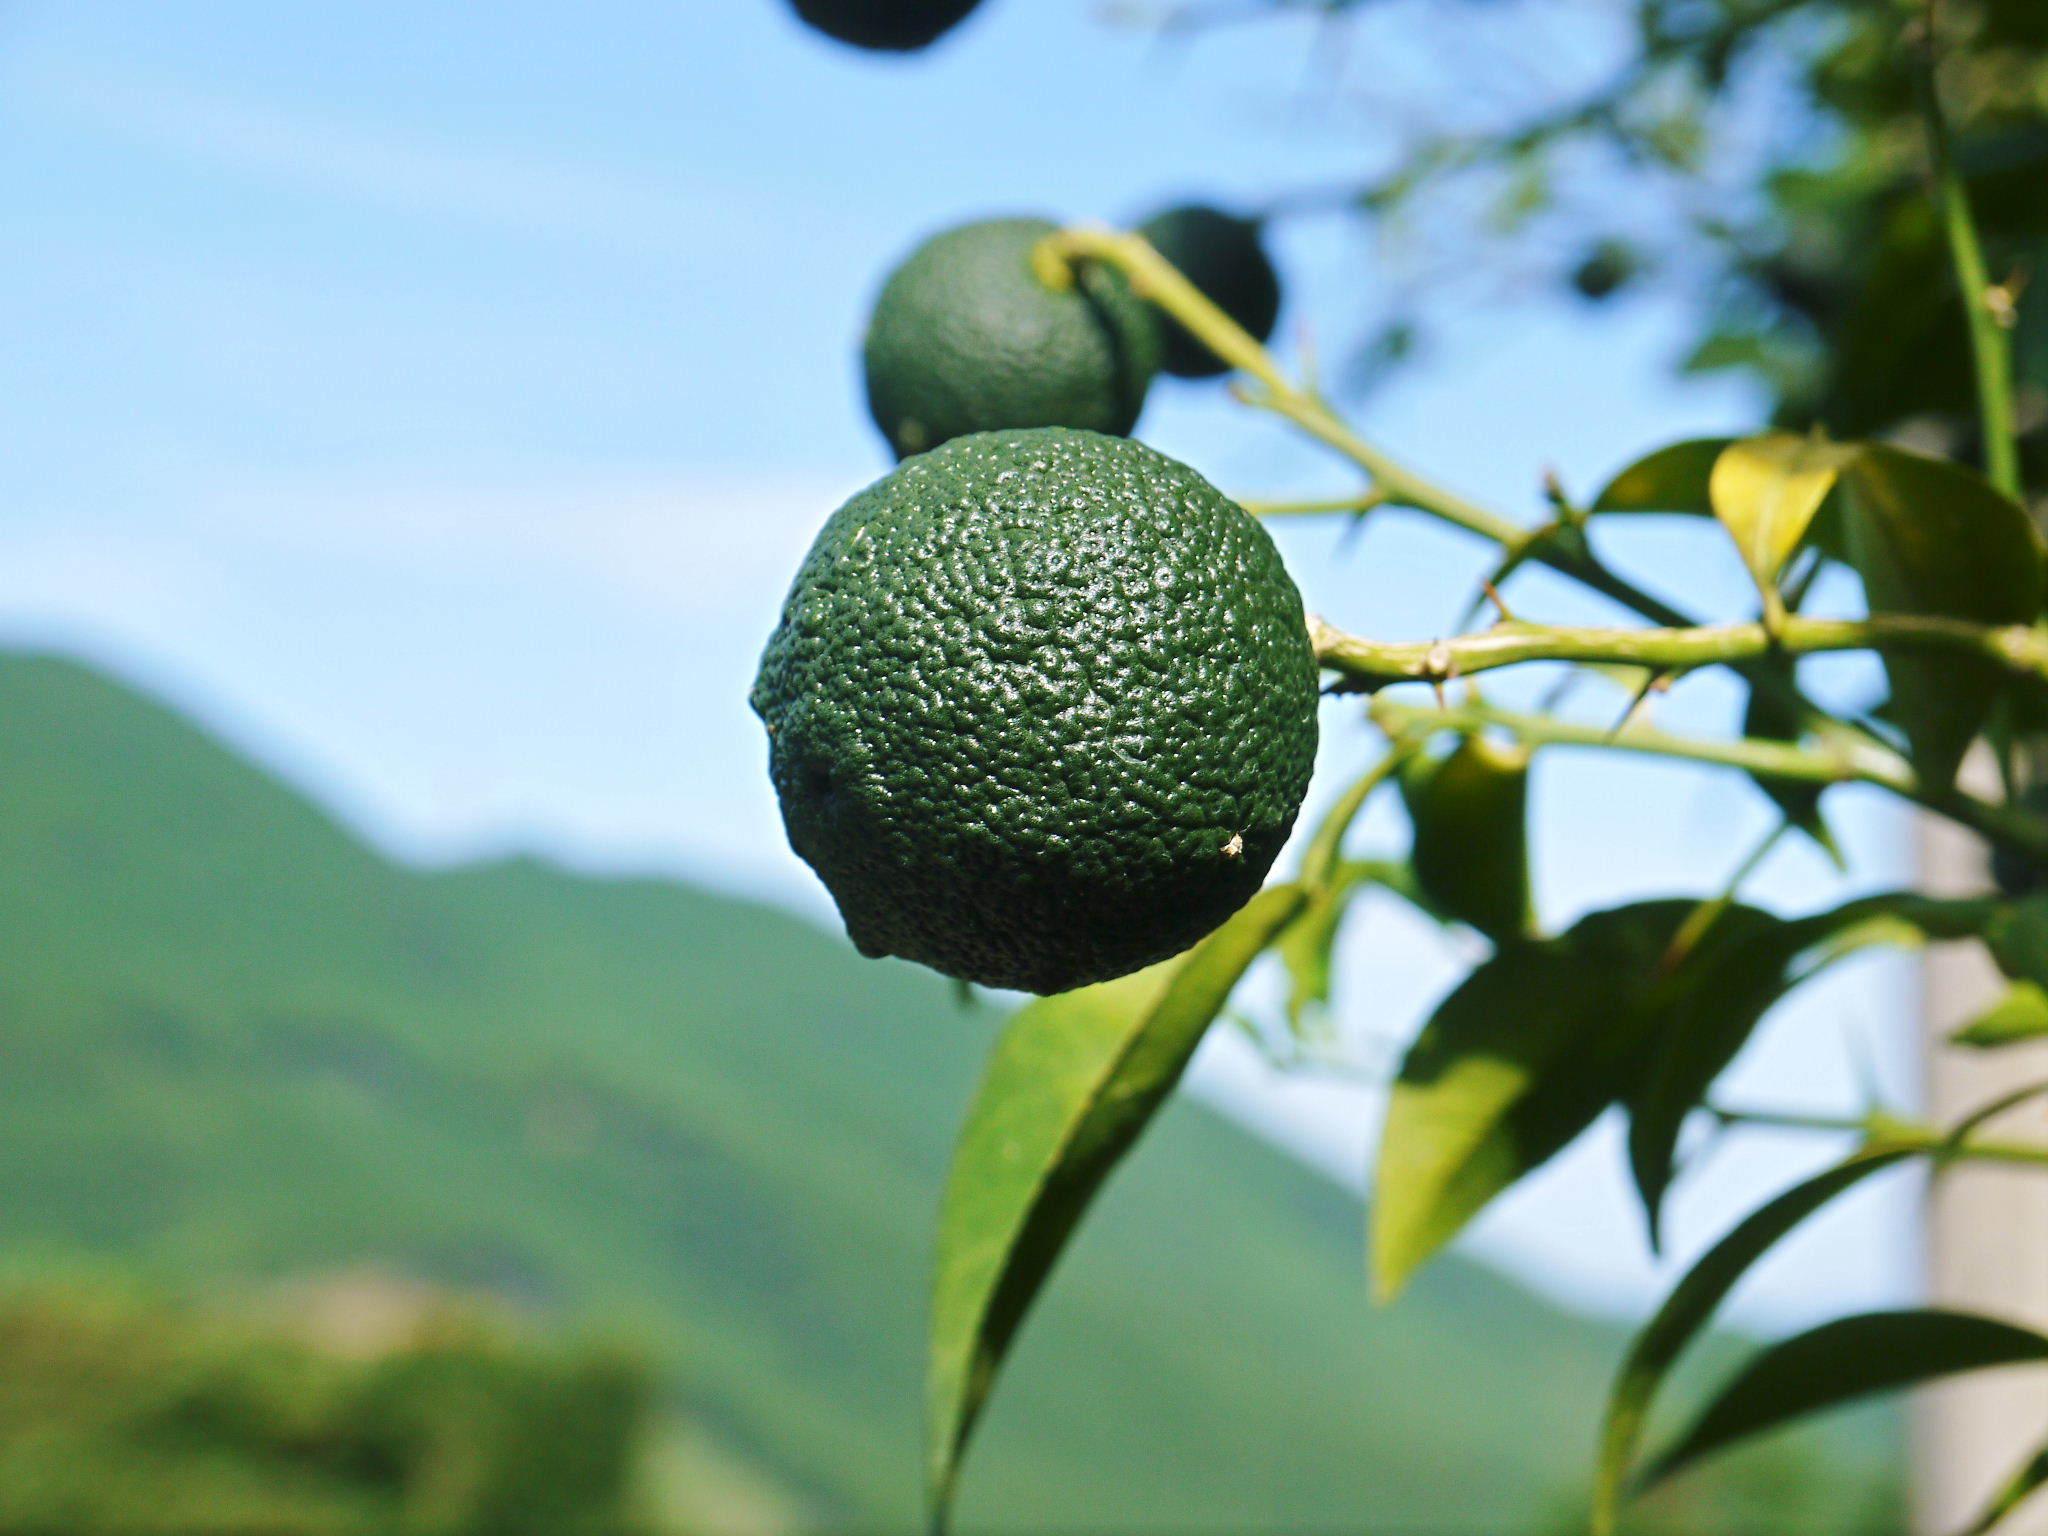 香り高き柚子(ゆず) 令和3年の青柚子の出荷予定と現在の様子 今のうち青唐辛子を購入しておいて下さい_a0254656_18364603.jpg